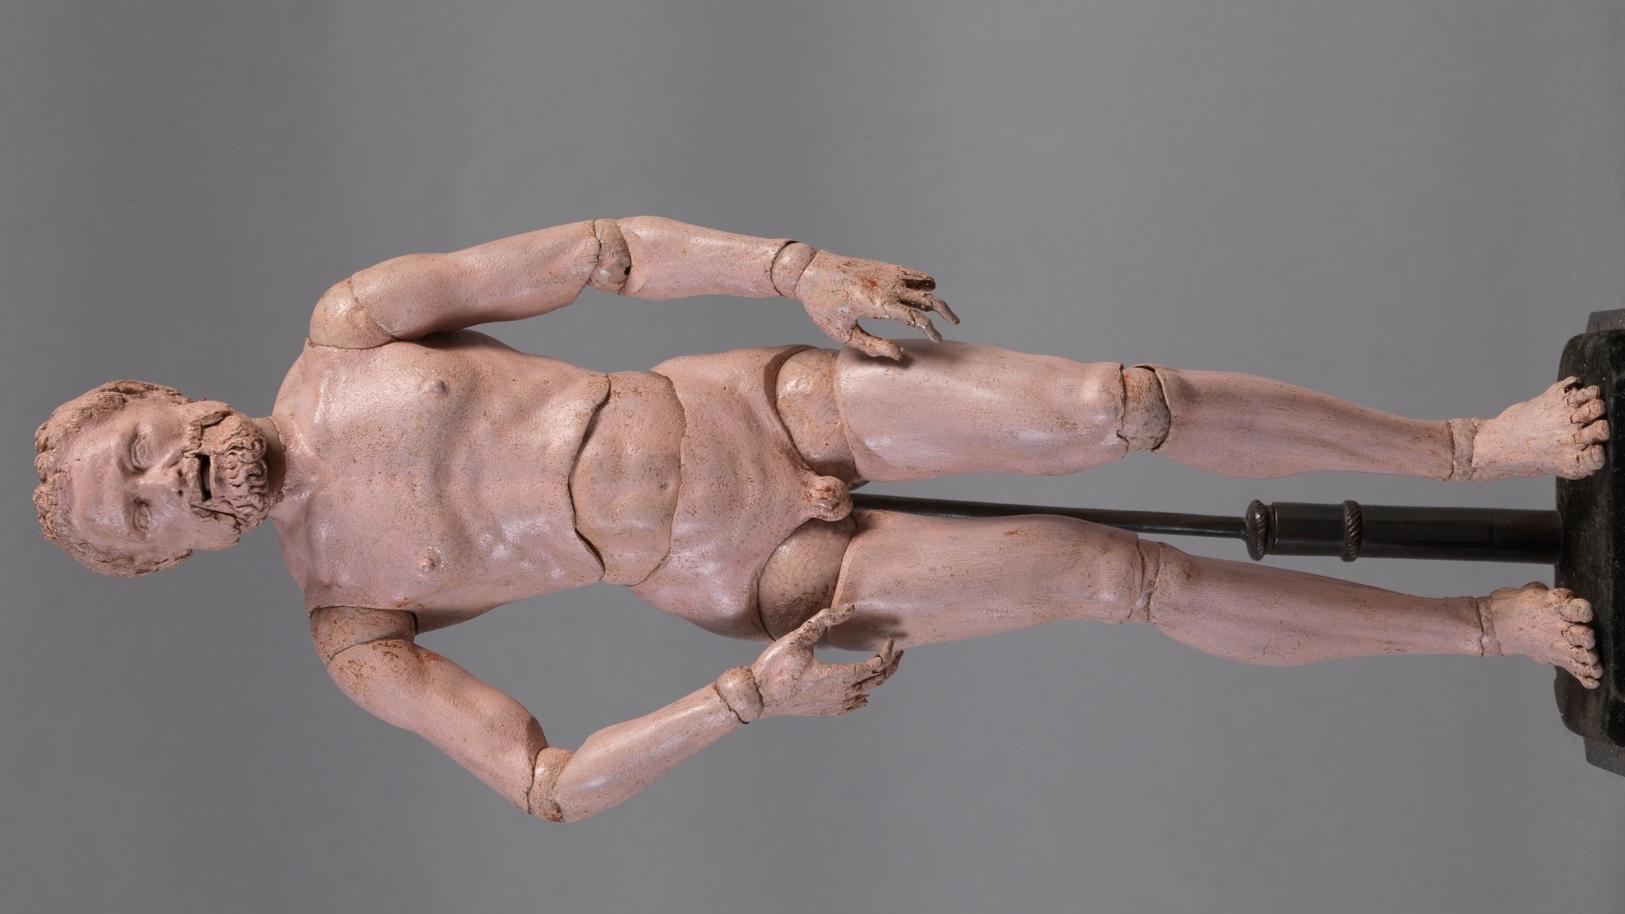 DURERO, ALBERTO (?) Maniquí articulado Hacia 1525. Madera de boj, 28 x 8 cm